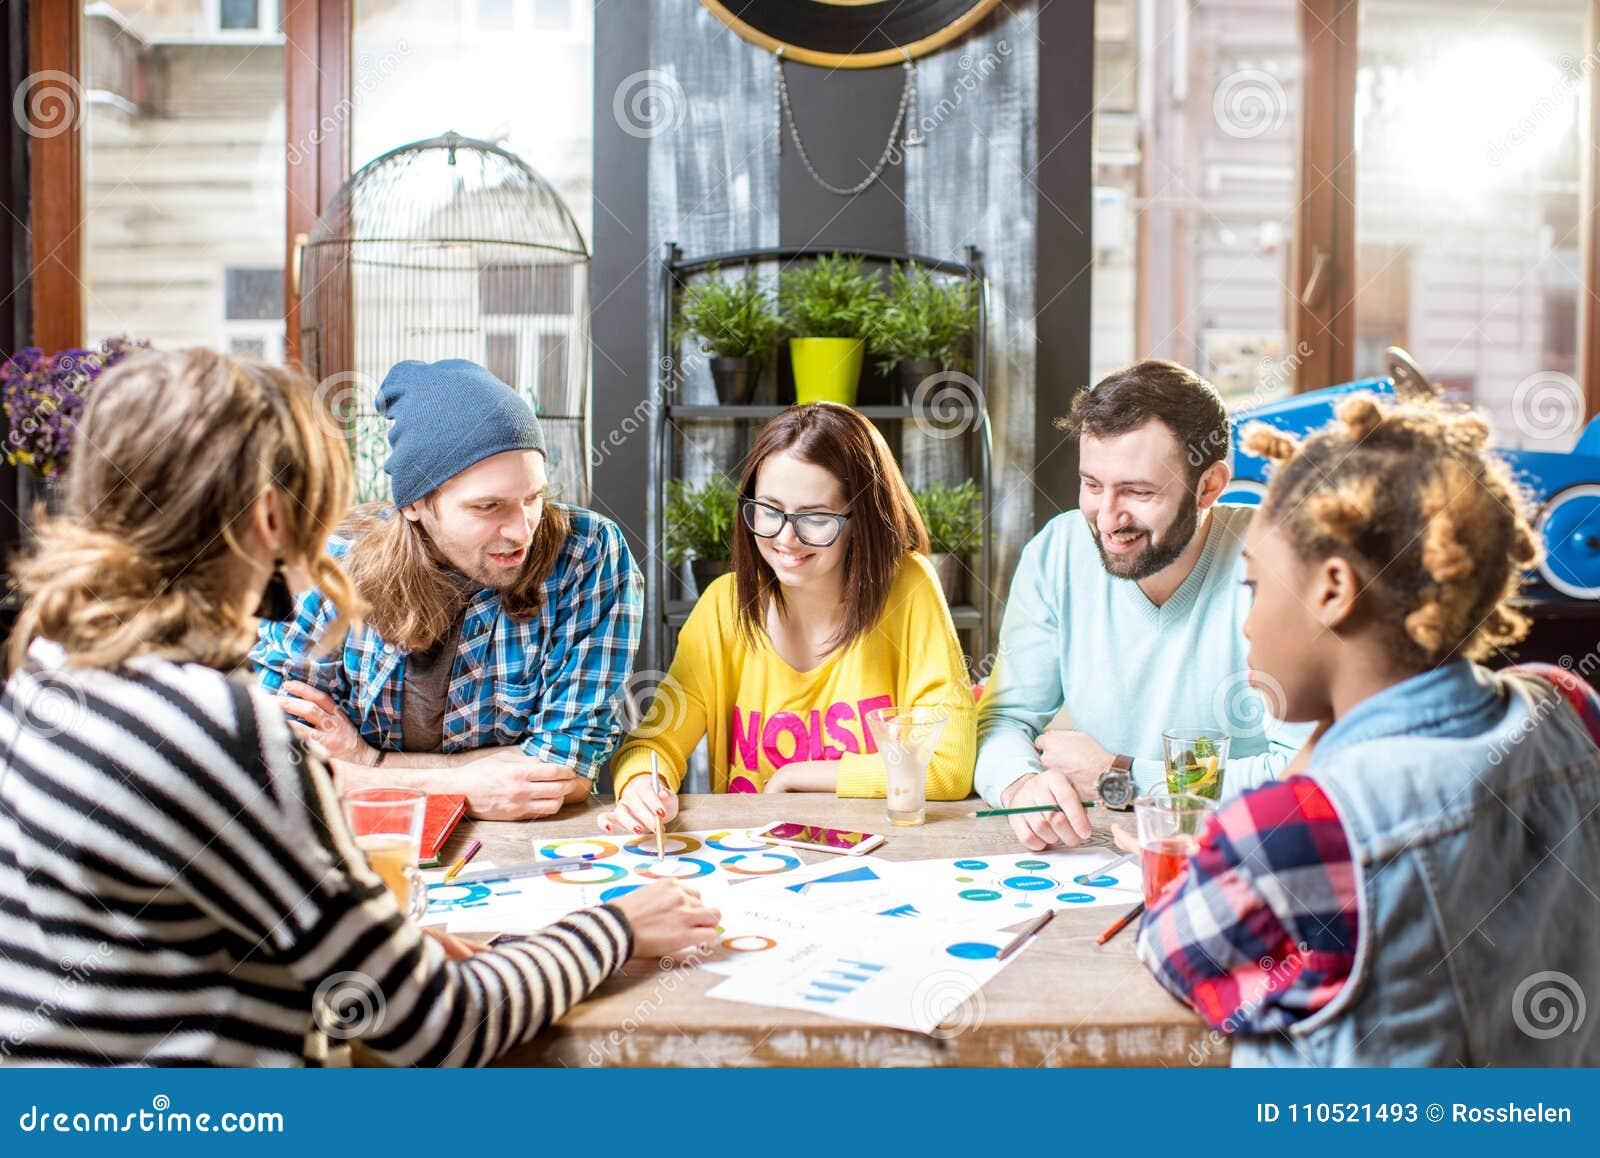 Группа людей работая совместно в кафе